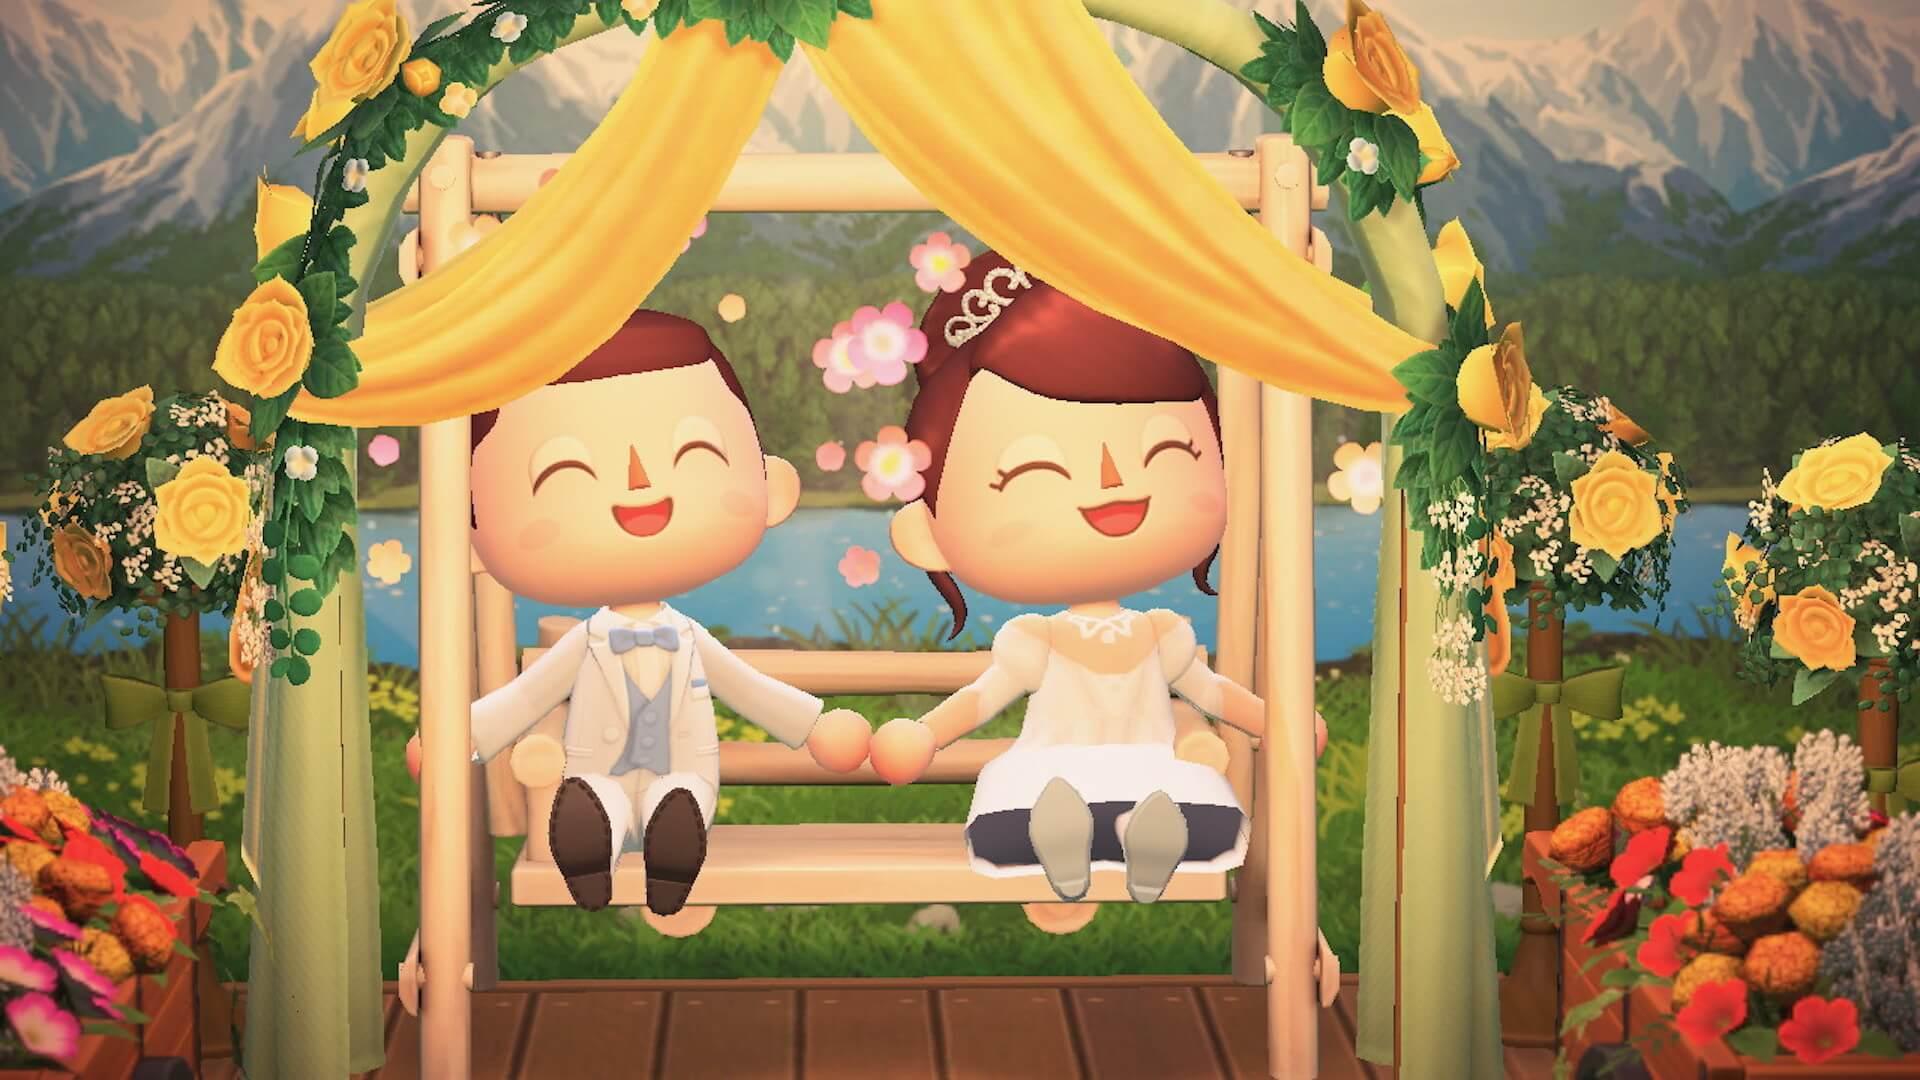 あつ森でYumi Katsuraのウエディングドレスを着て結婚式を挙げよう!?『あつまれ どうぶつの森』マイデザインが公式Instgramで配布開始 tech200608_animalcrossing_5